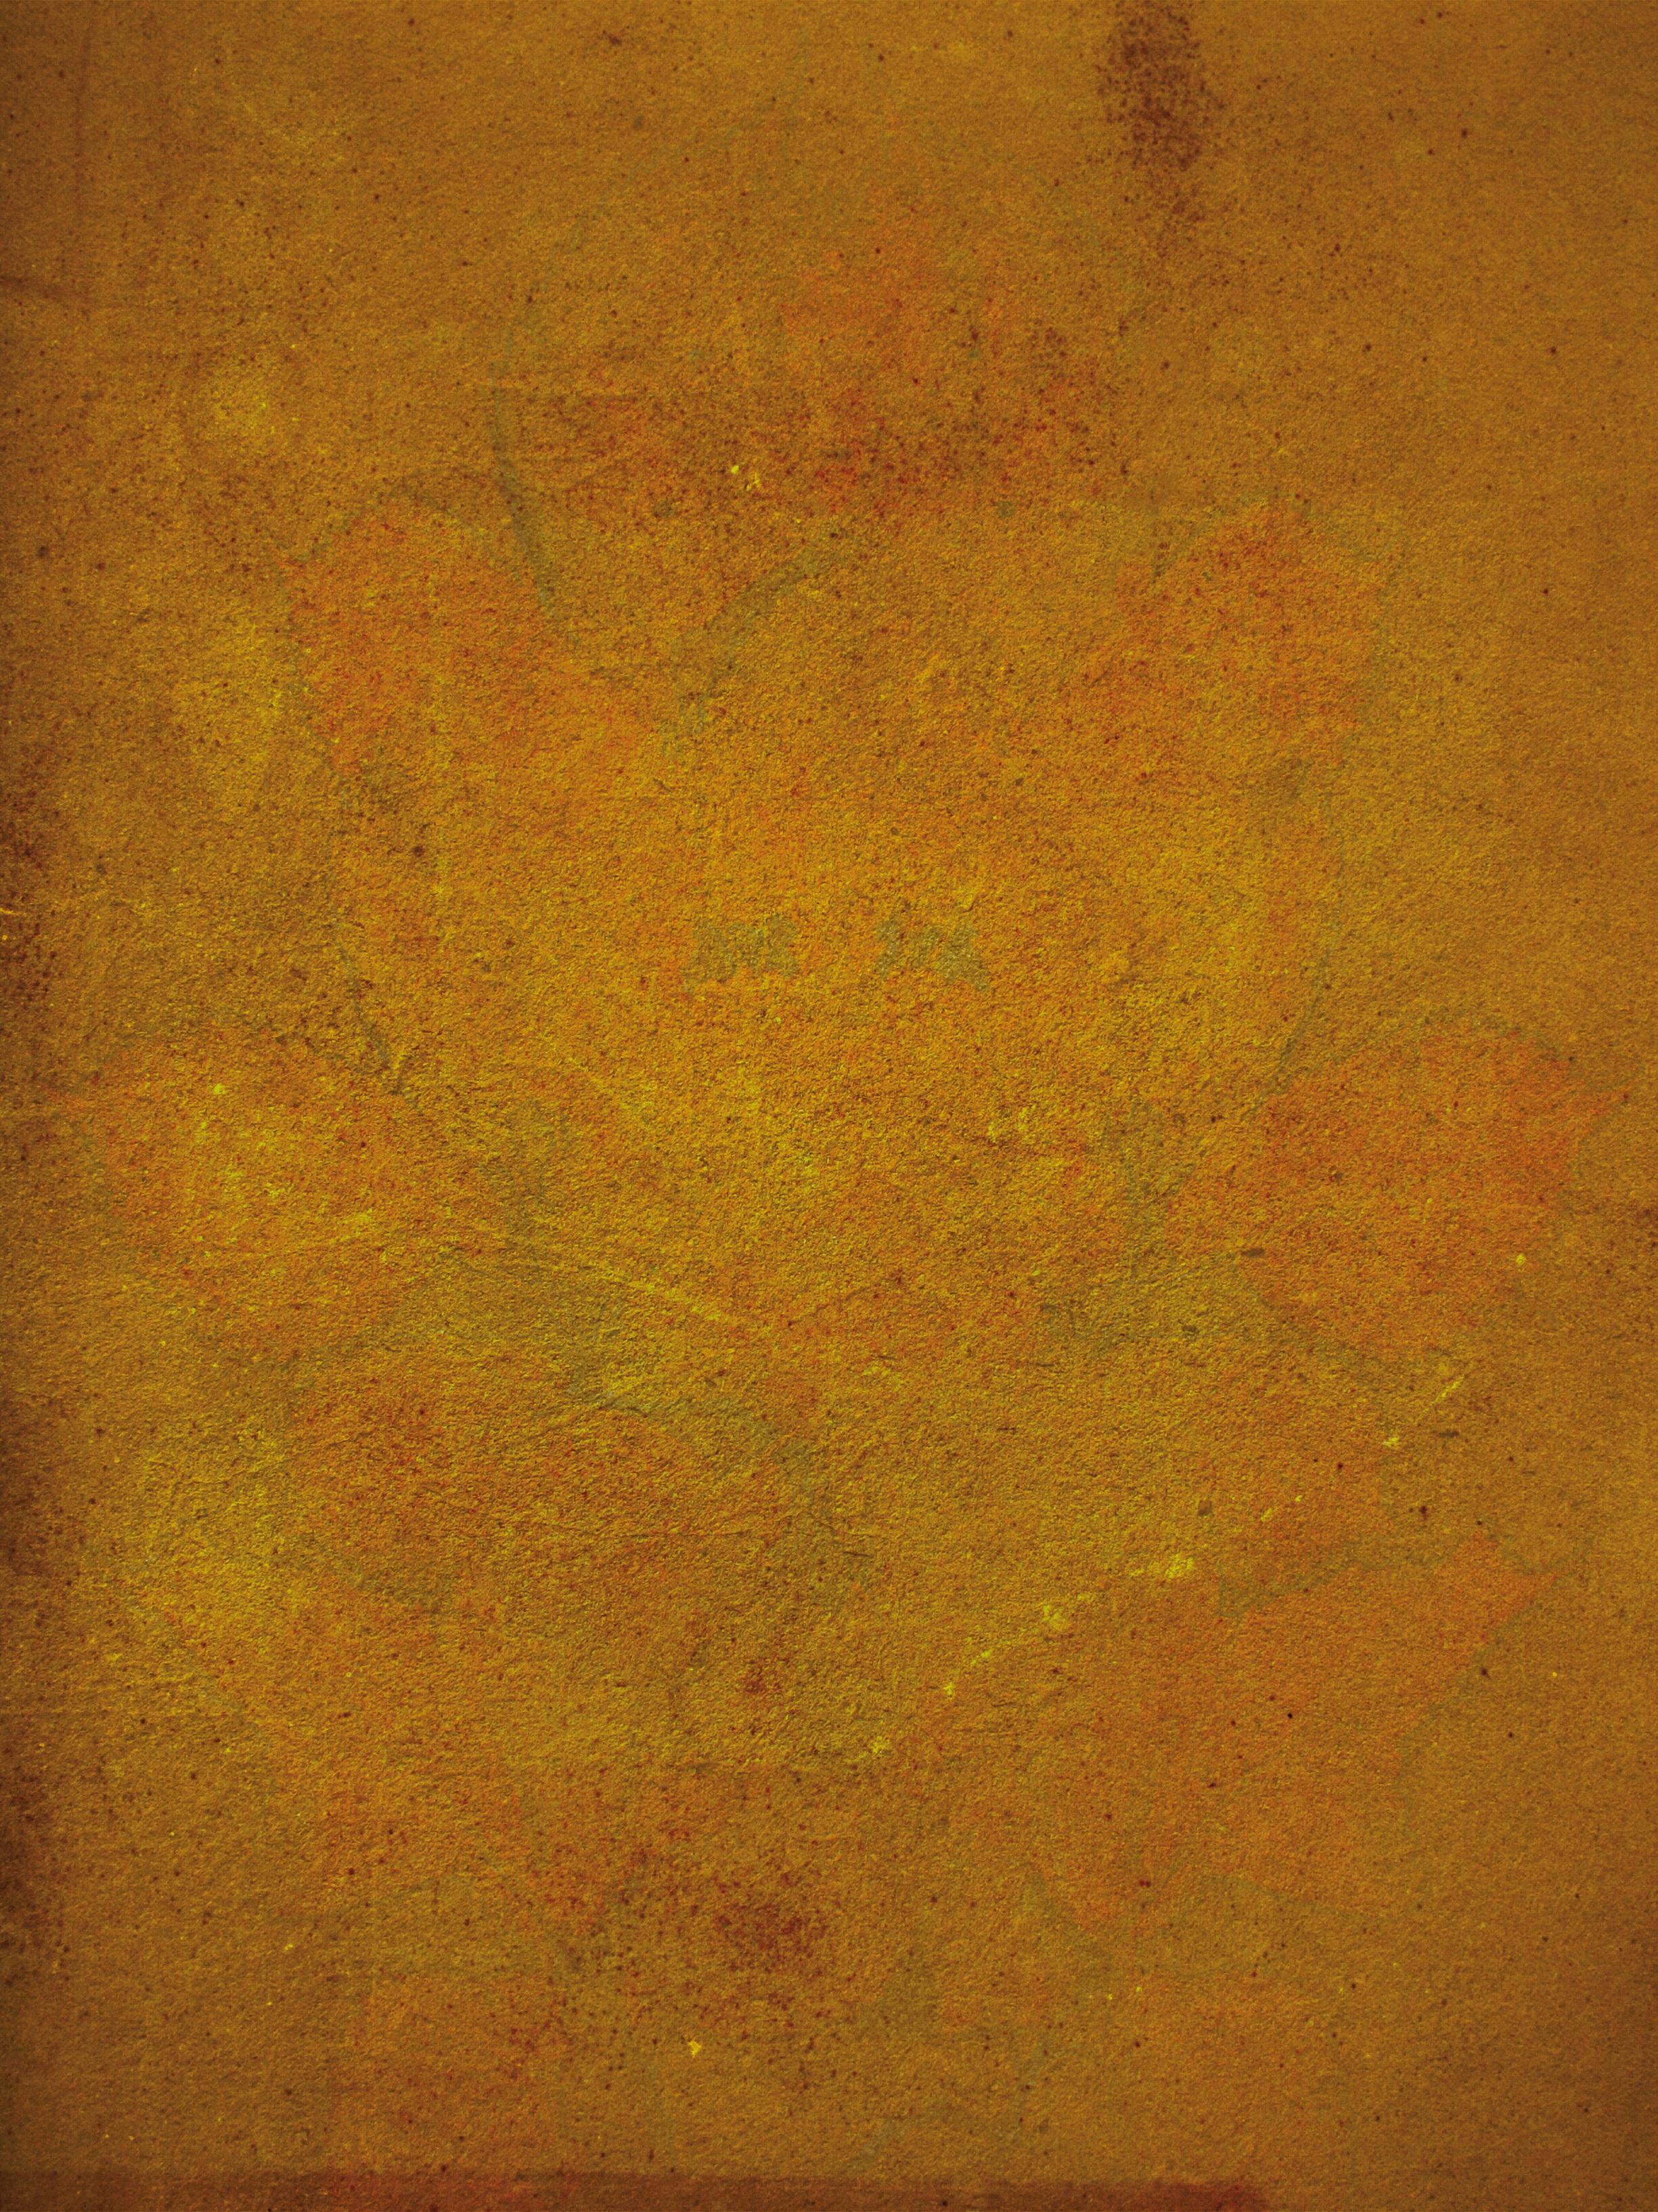 Images Gratuites : plante, bois, texture, sol, mur, Orange, Couleur ...